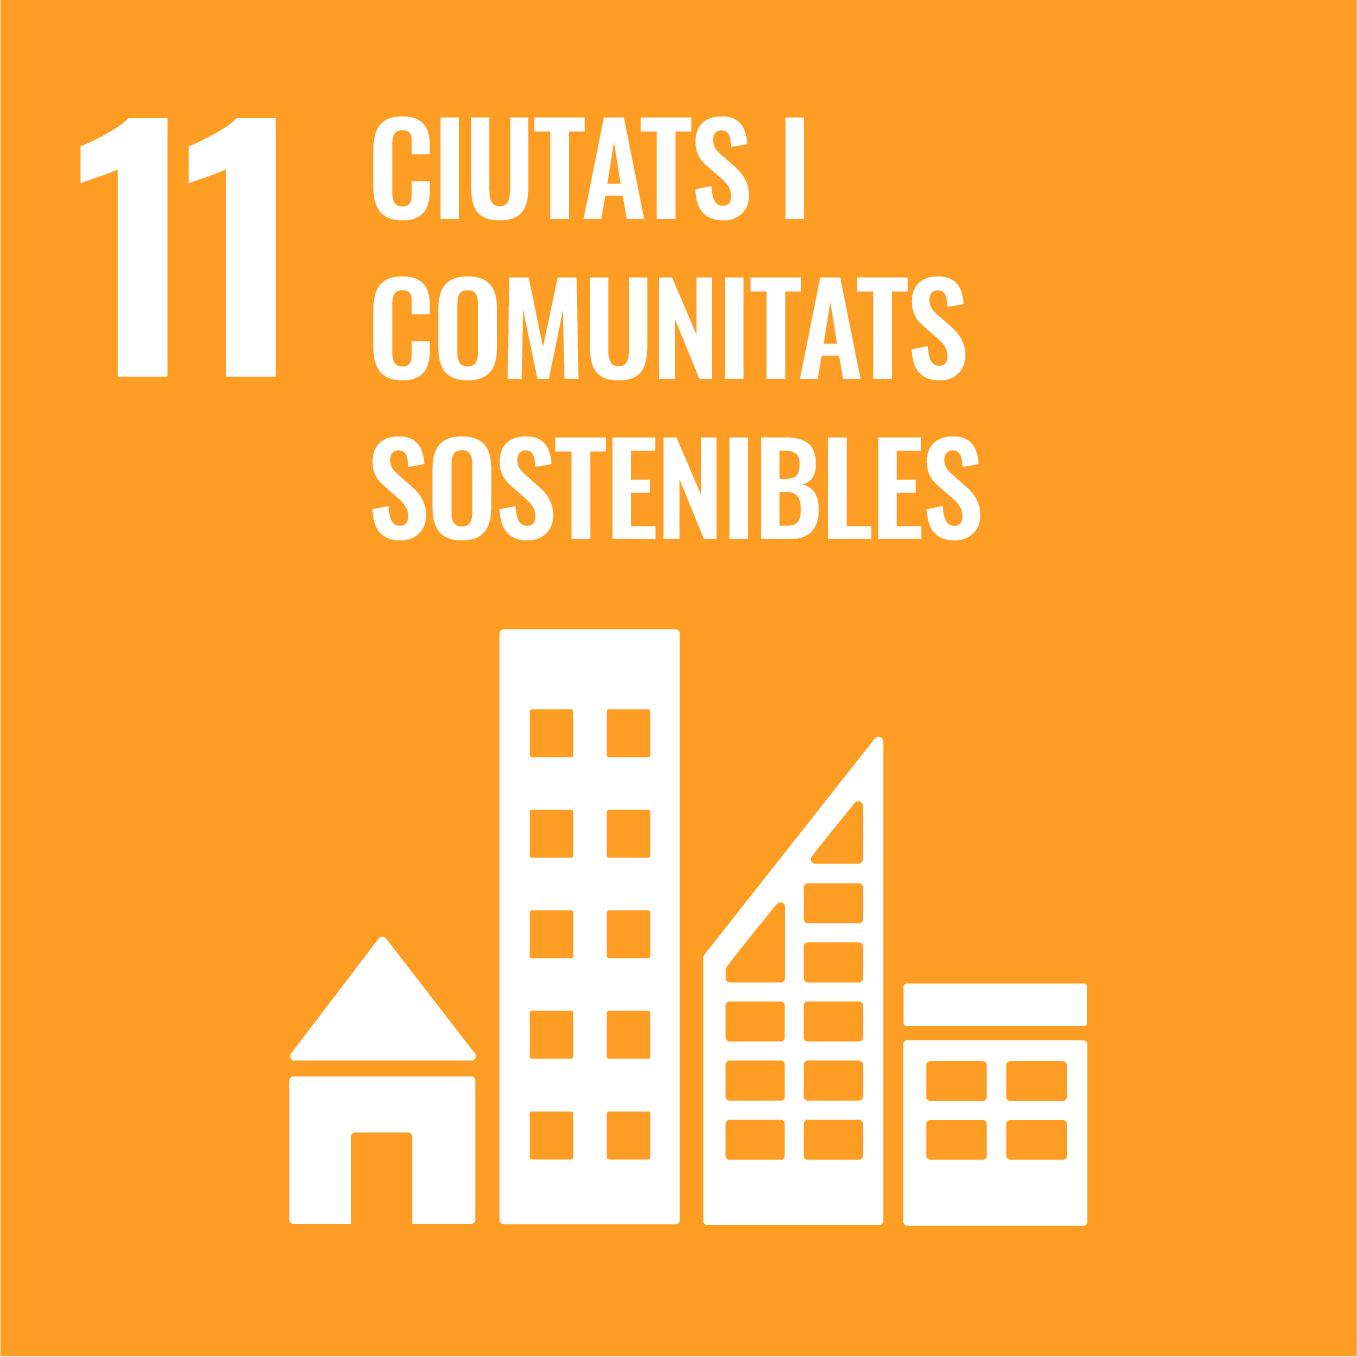 Ciutats i Comunitats Sostenibles - Objectiu 11